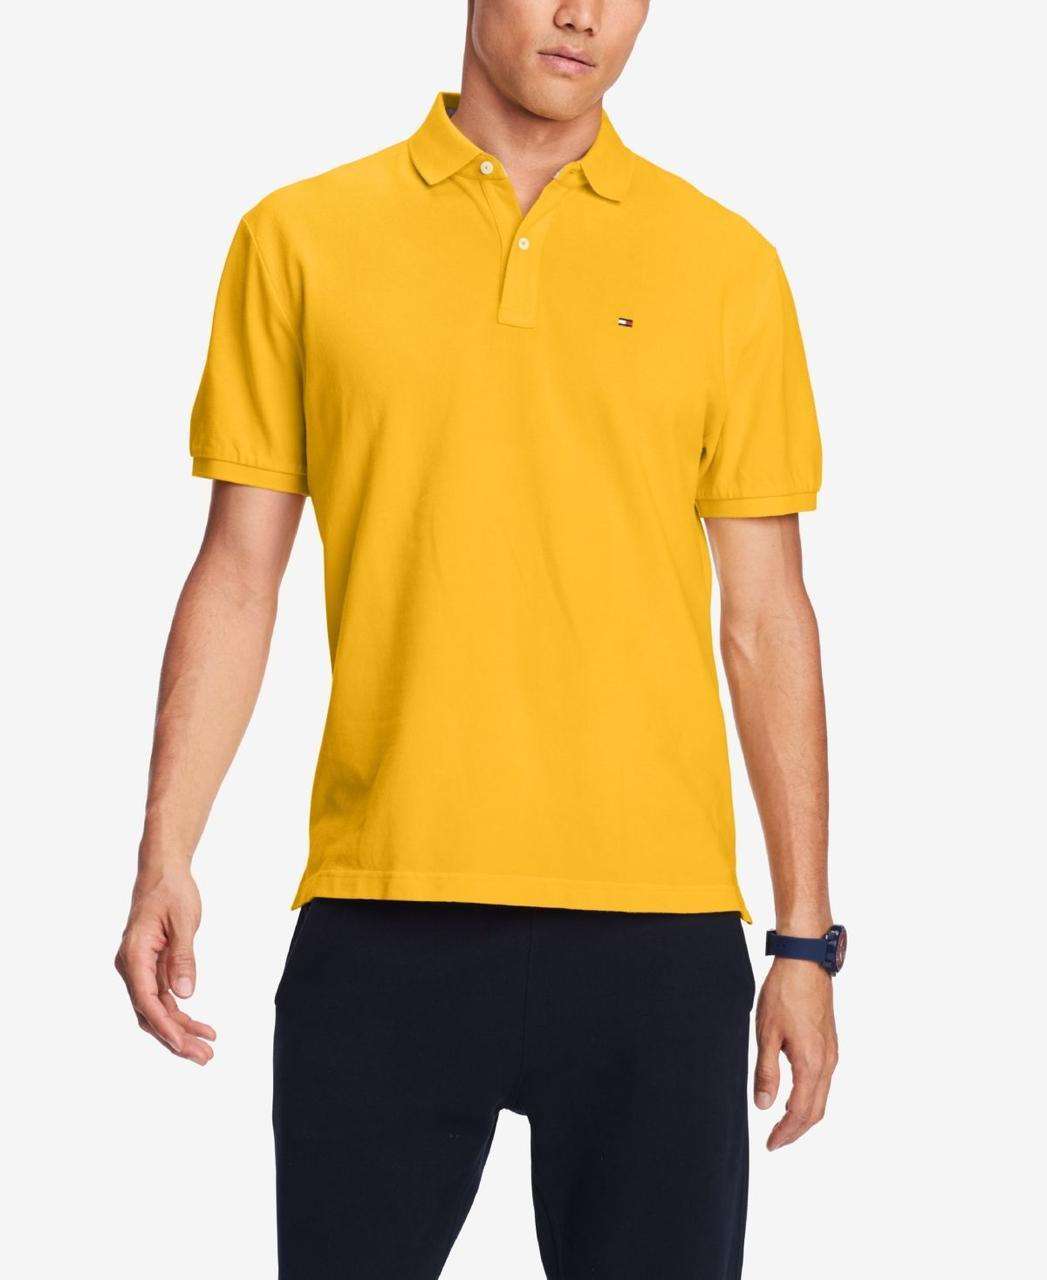 Tommy Hilfiger Мужская футболка - Е2